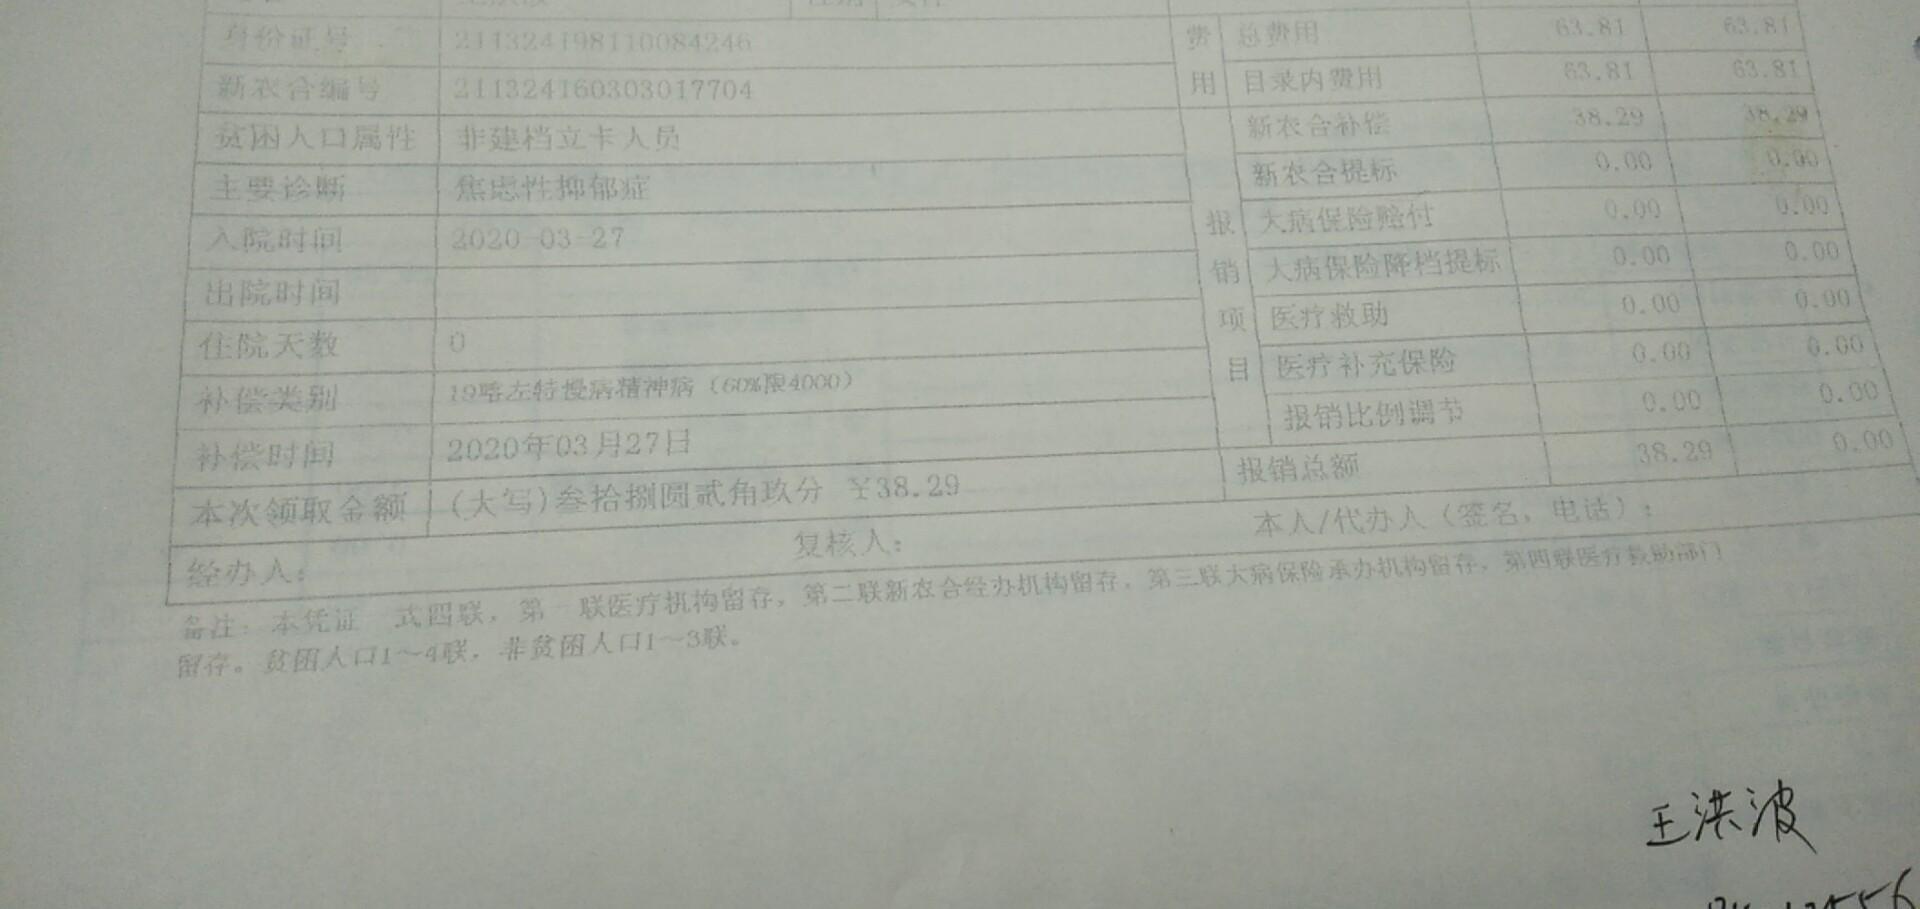 老师月底我们要上报一个月的报销人数,金额的电脑版文件 我也不会呢 就是这个 要做个表发送到新农合